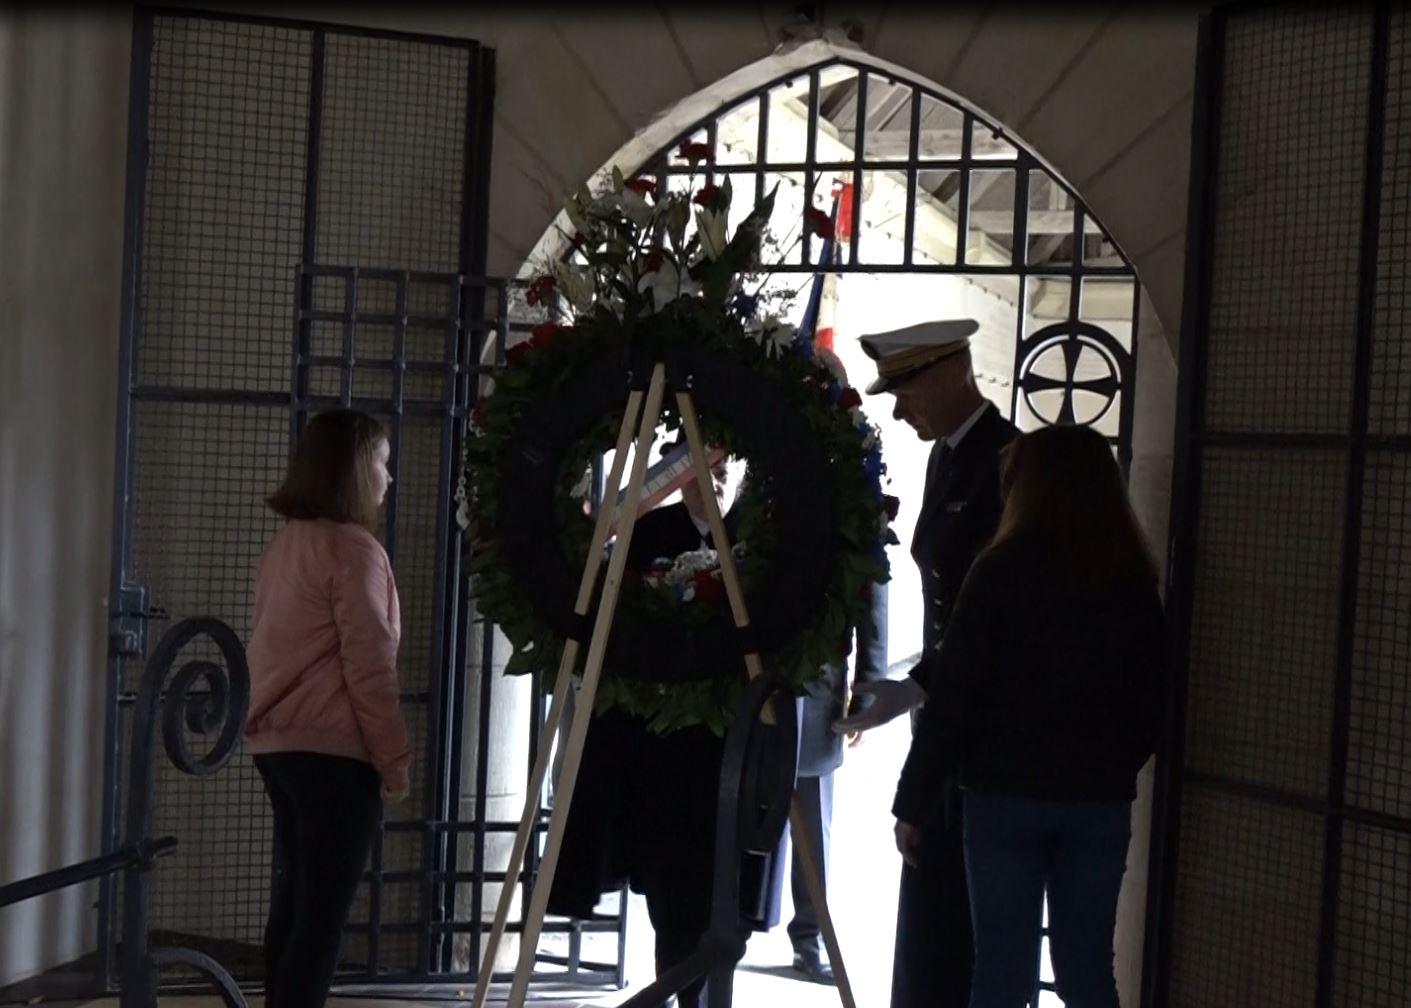 La gerbe de fleurs est déposée à l'entrée de l'ossuaire où l'on trouve 130 cercueils avec les corps de 1500 soldats dont 11 ont été identifiés.